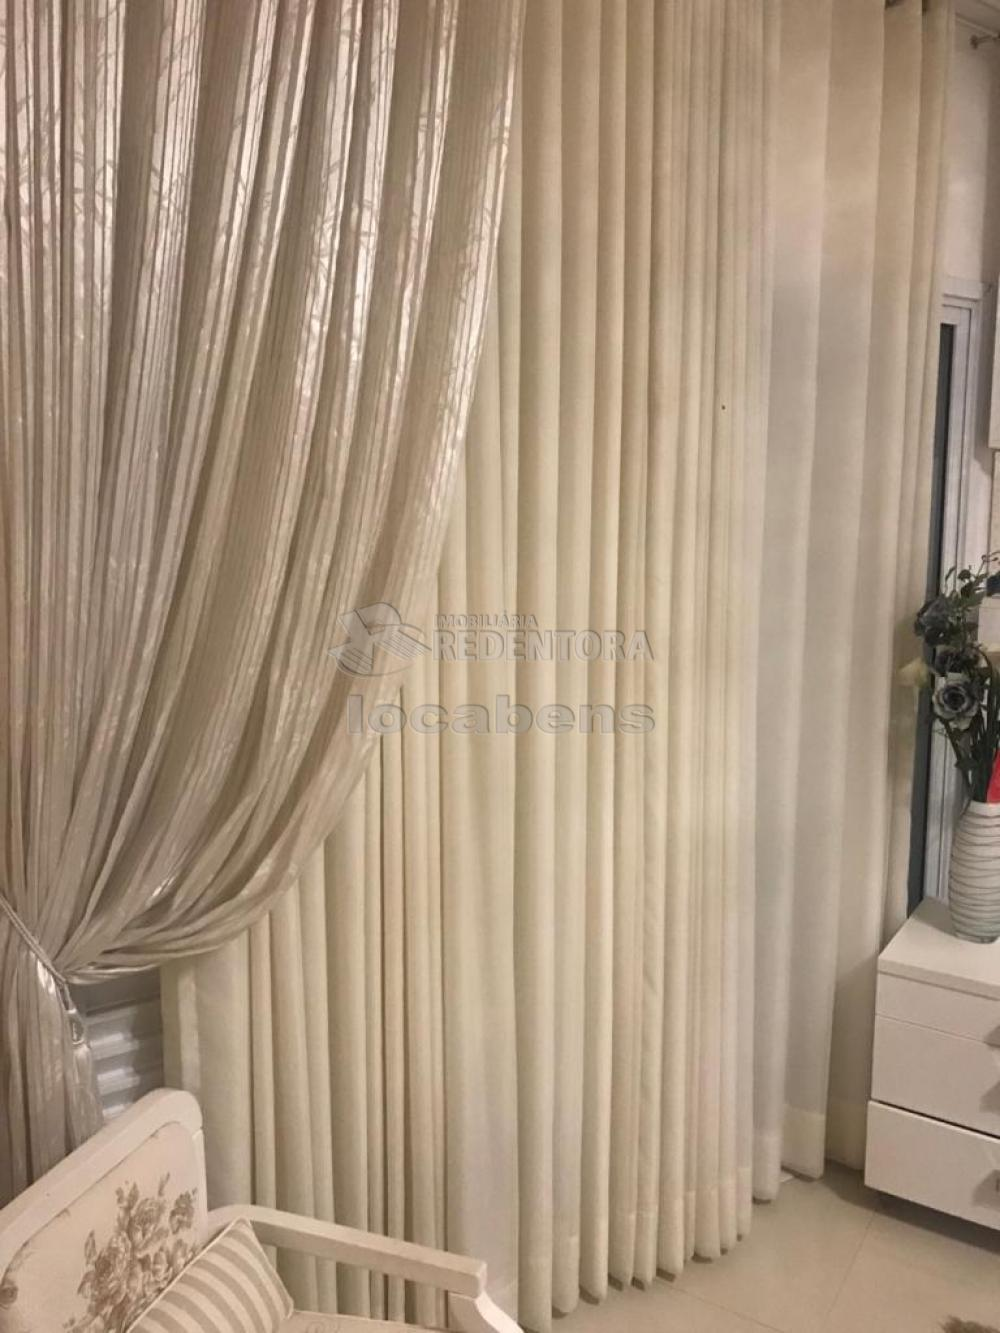 Comprar Casa / Condomínio em São José do Rio Preto R$ 2.300.000,00 - Foto 18